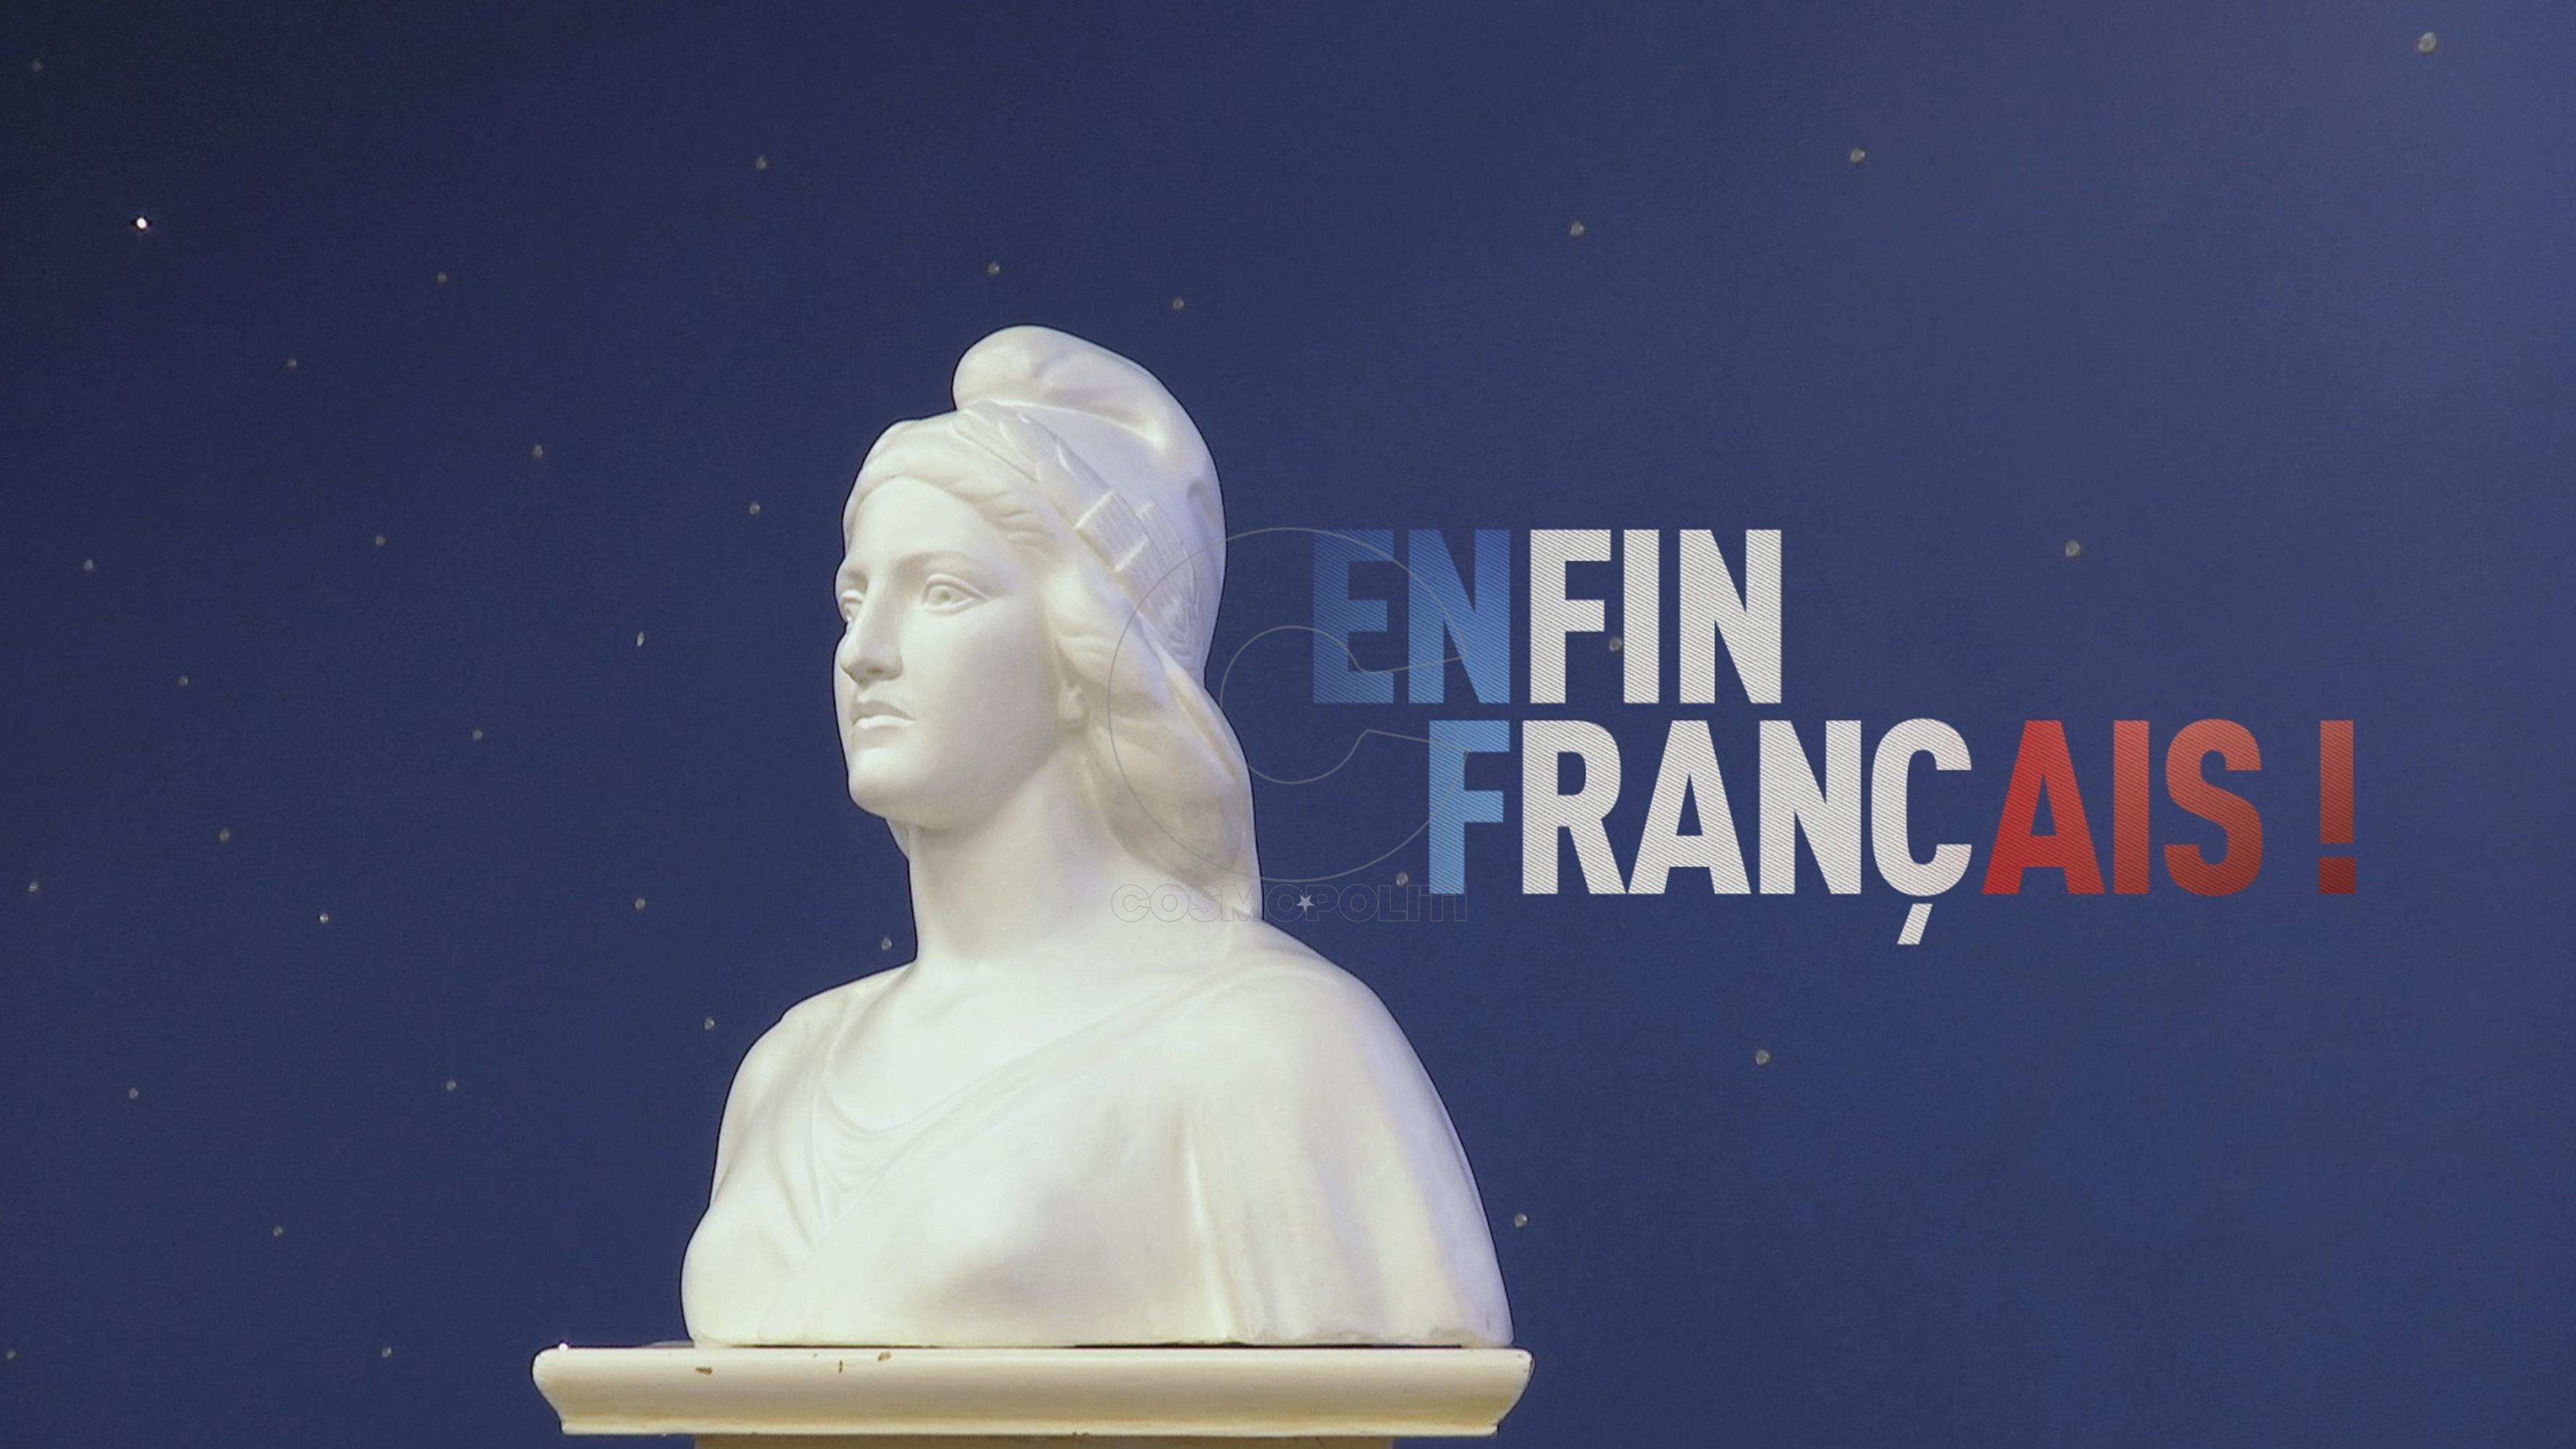 ENFIN FRANÇAIS !